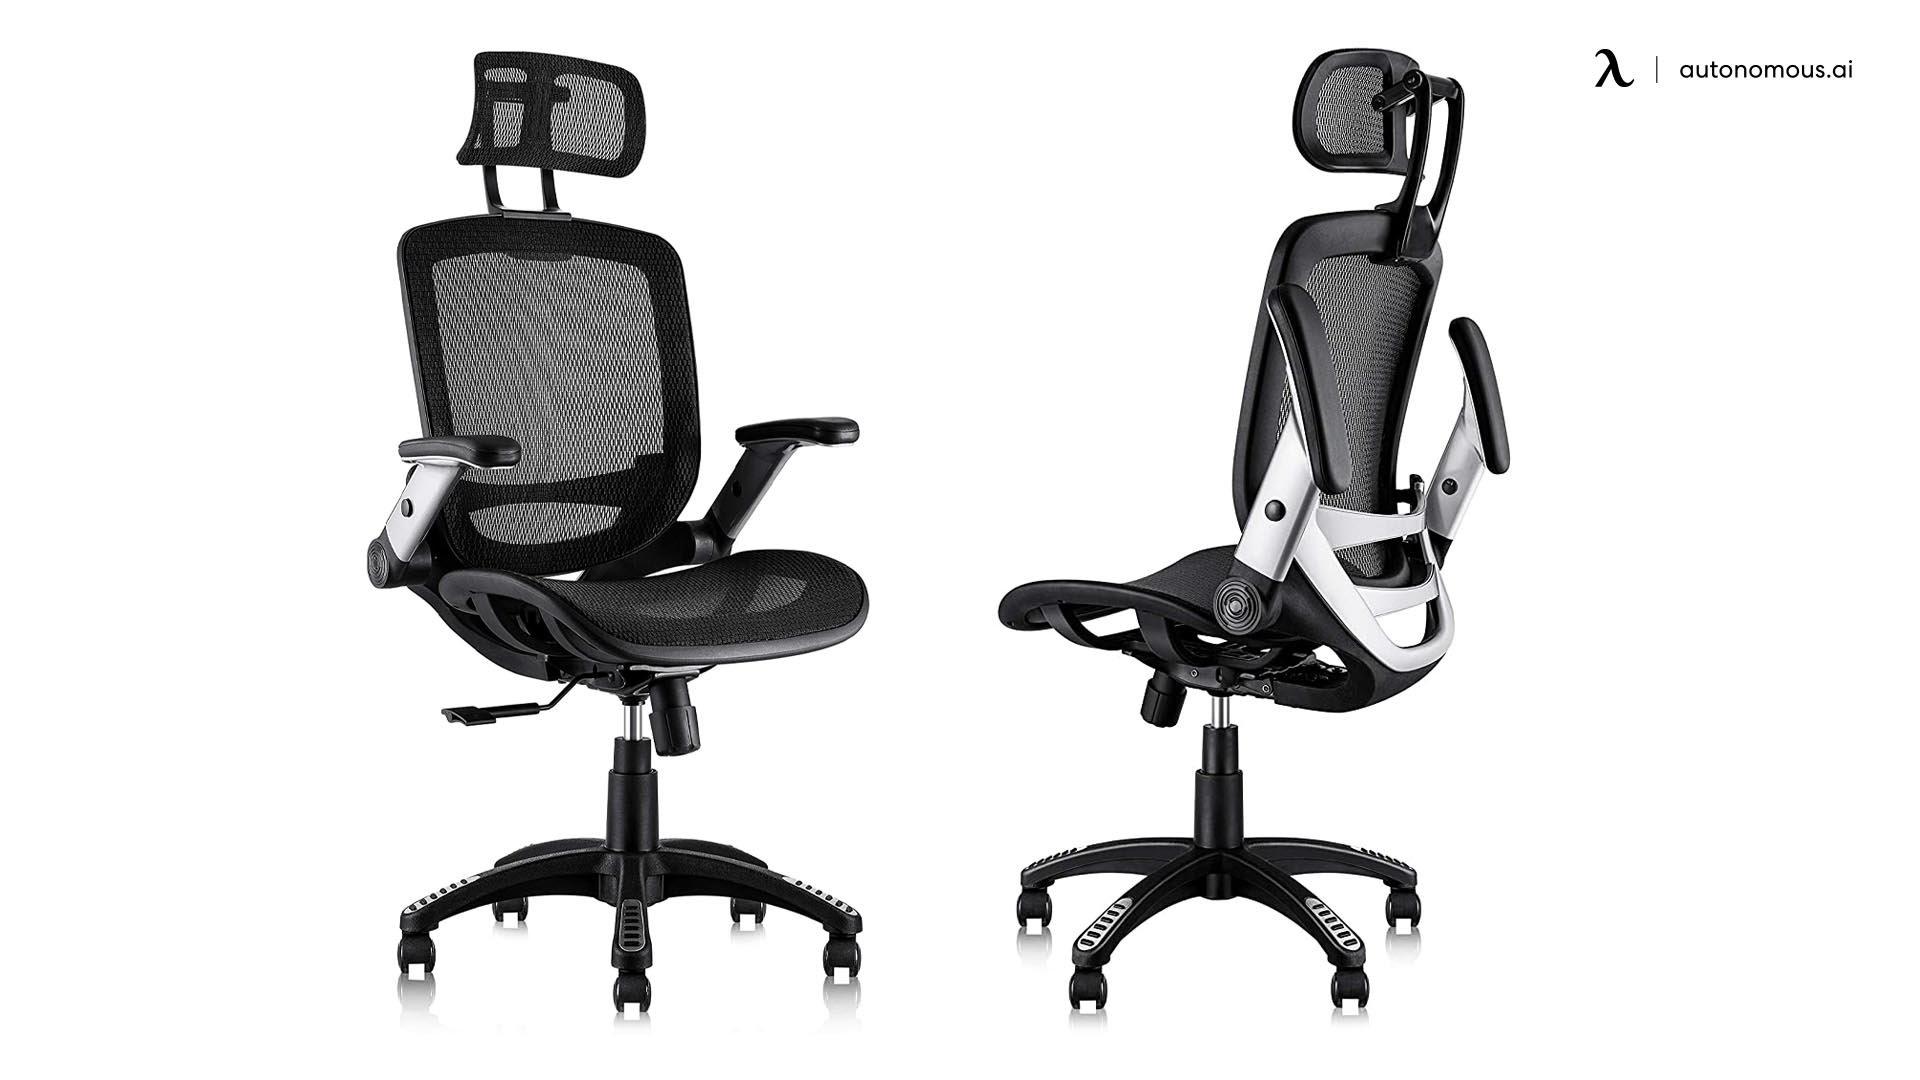 Gabrylly Mesh Chair